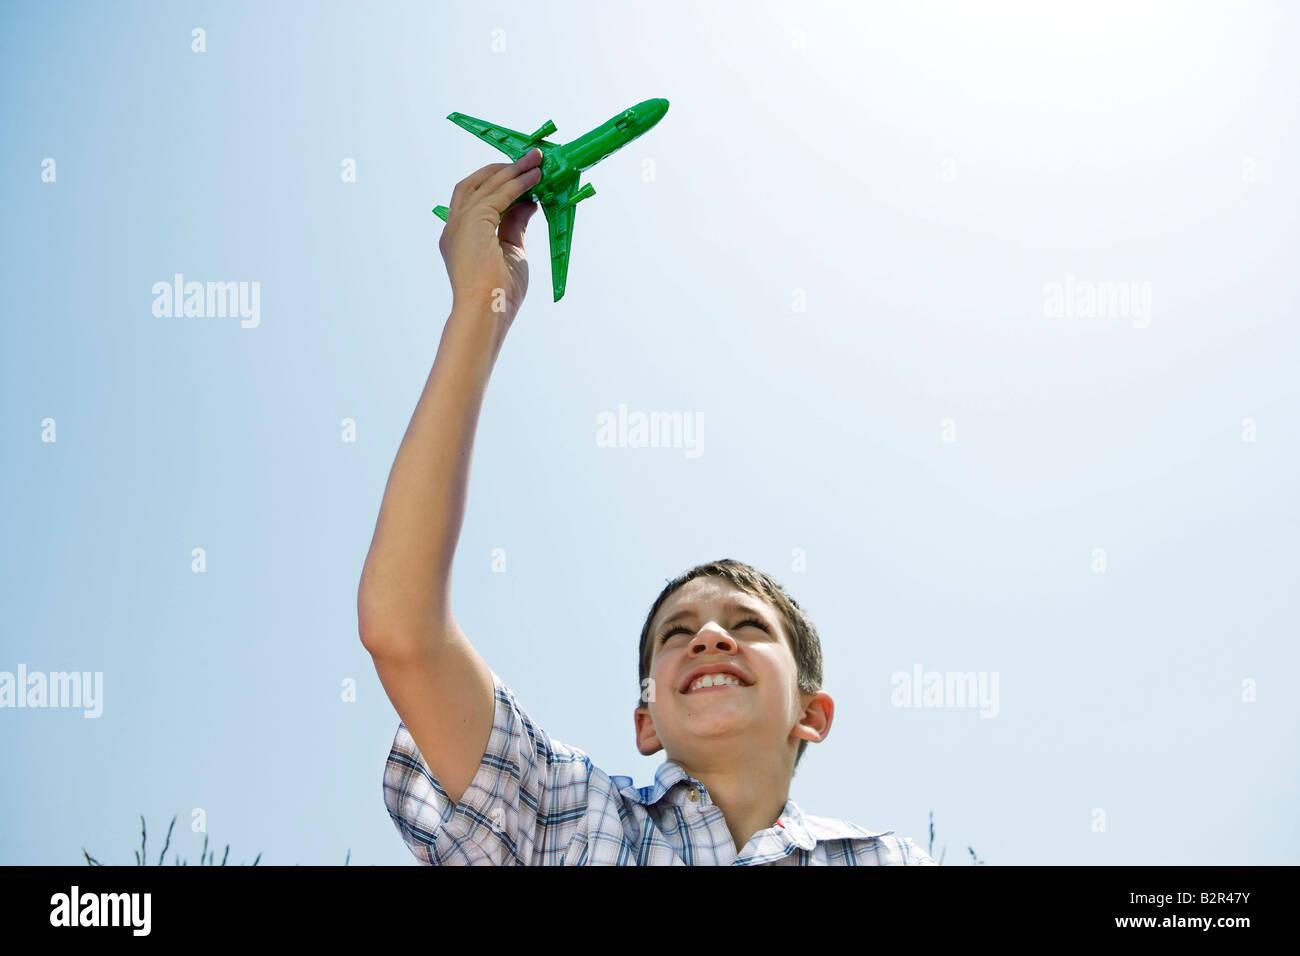 Boy holding toy plane aloft - Stock Image